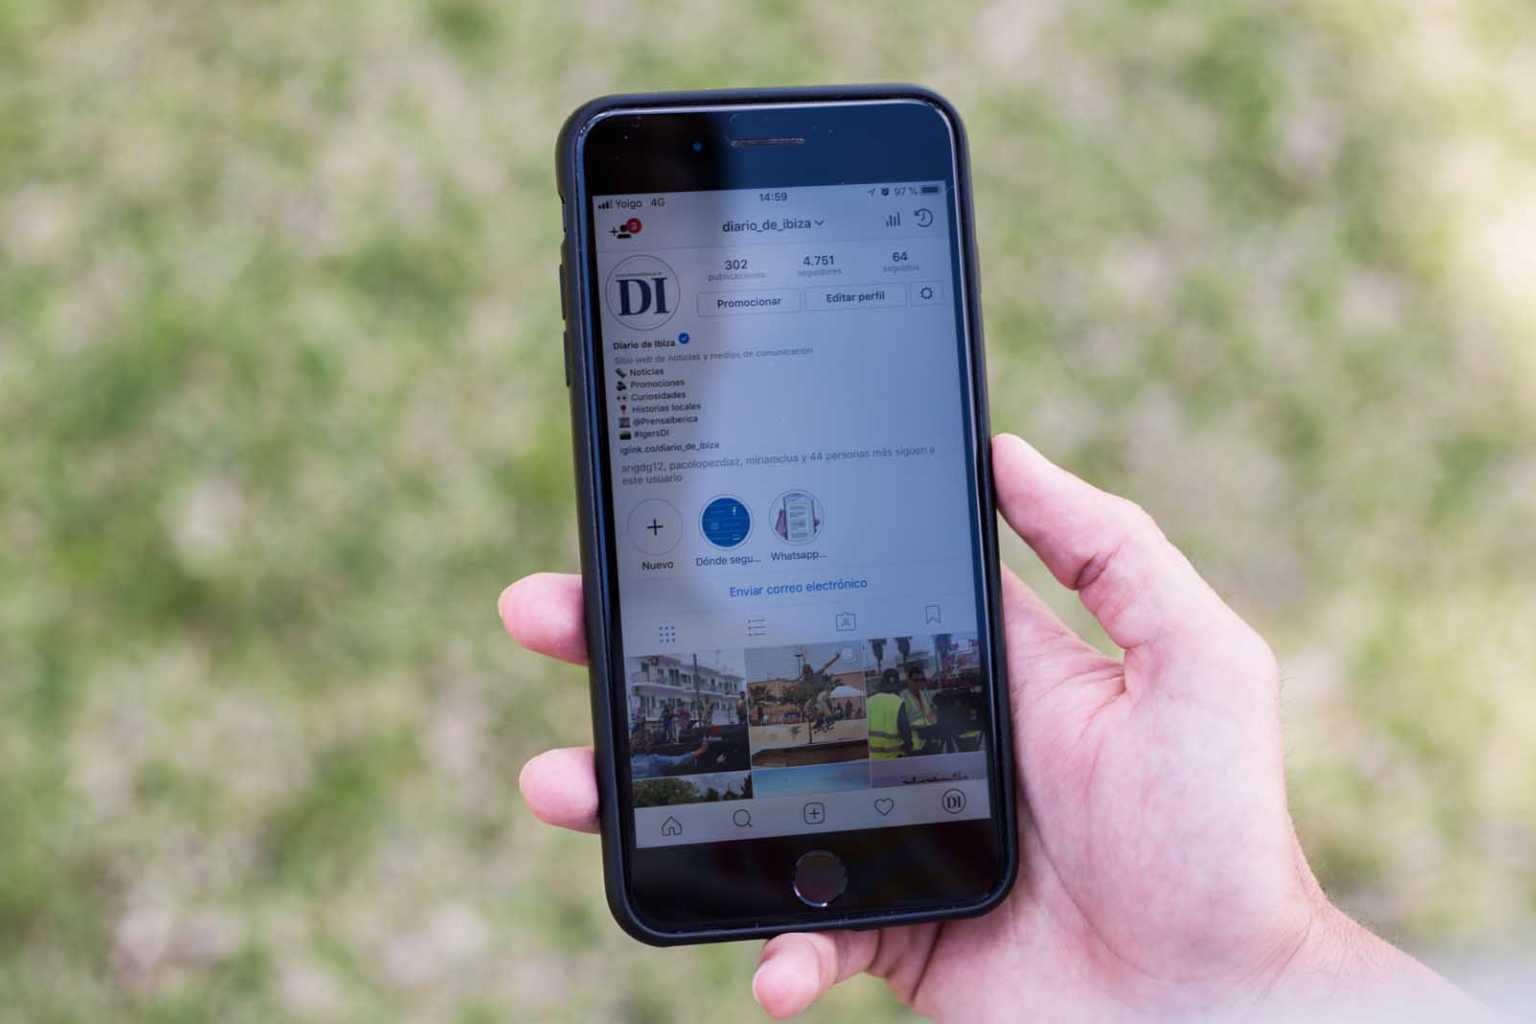 Perfil de Instagram de Diario de Ibiza visto en un móvil. T. Escobar